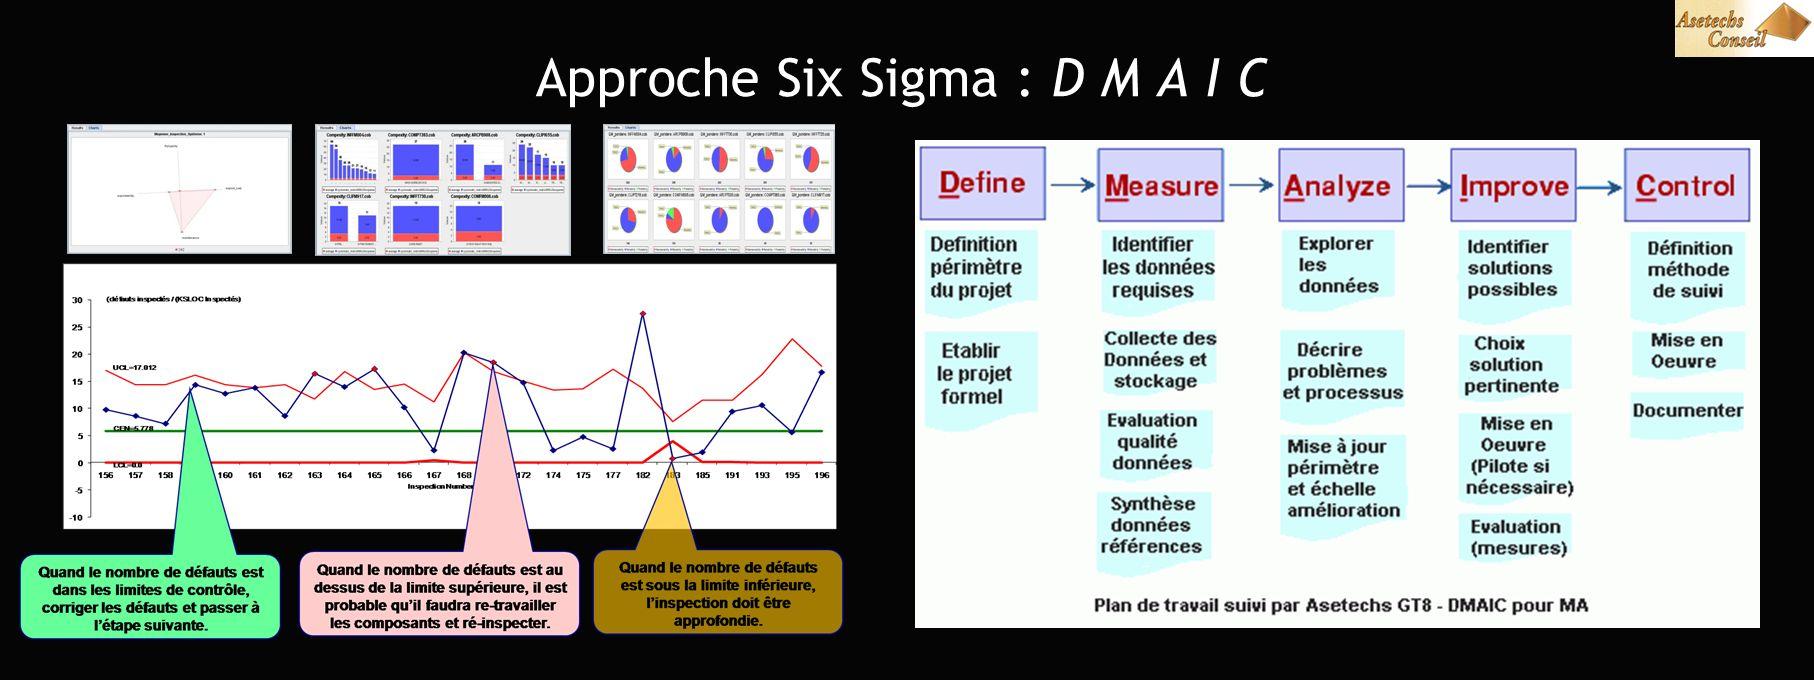 Approche Six Sigma : D M A I C